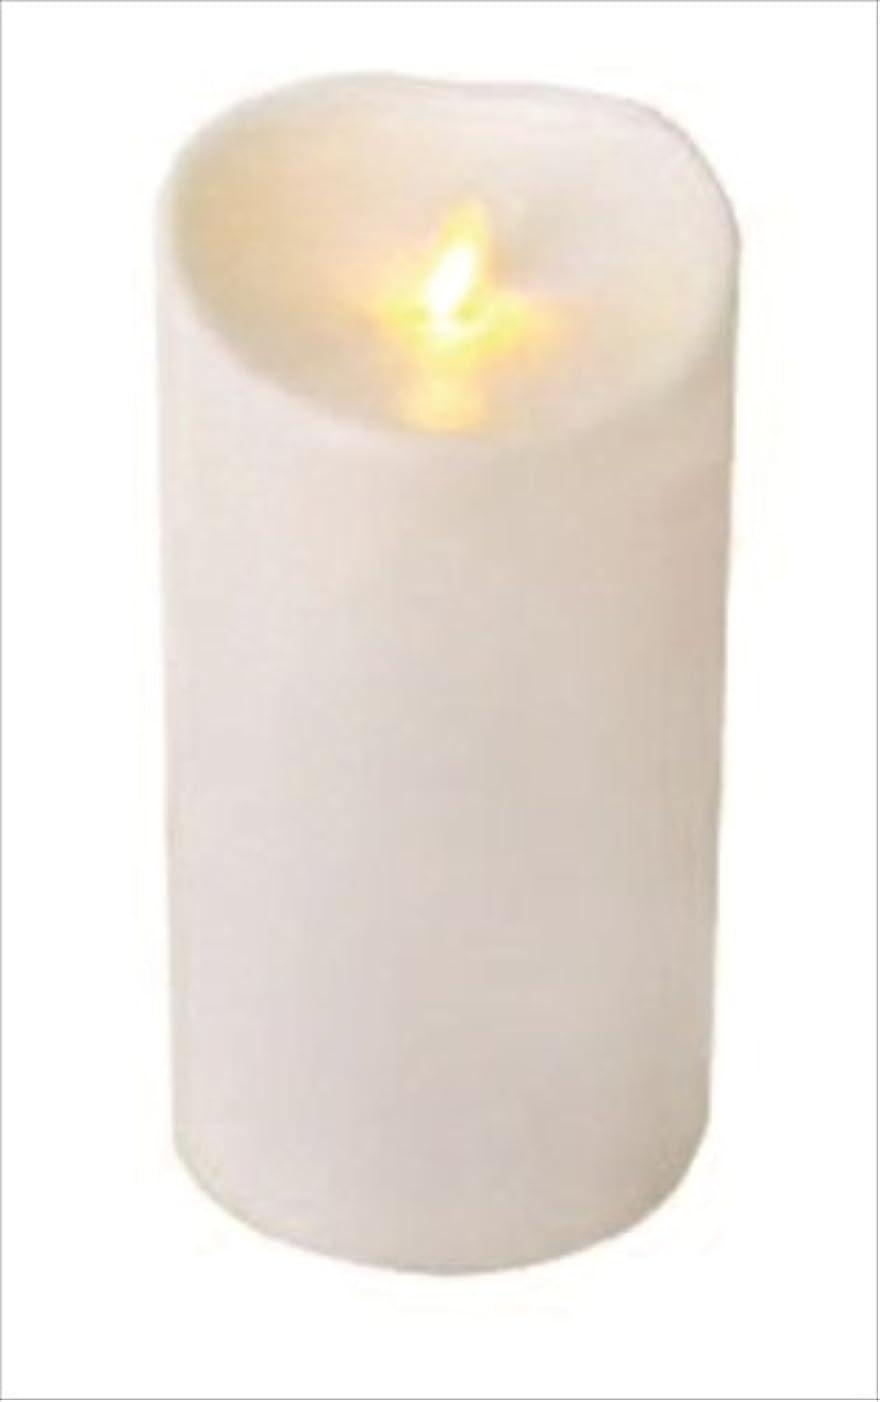 メンタル市民月面ルミナラ(LUMINARA) LUMINARA(ルミナラ)アウトドアピラー3.75×7 「 アイボリー 」 03060000